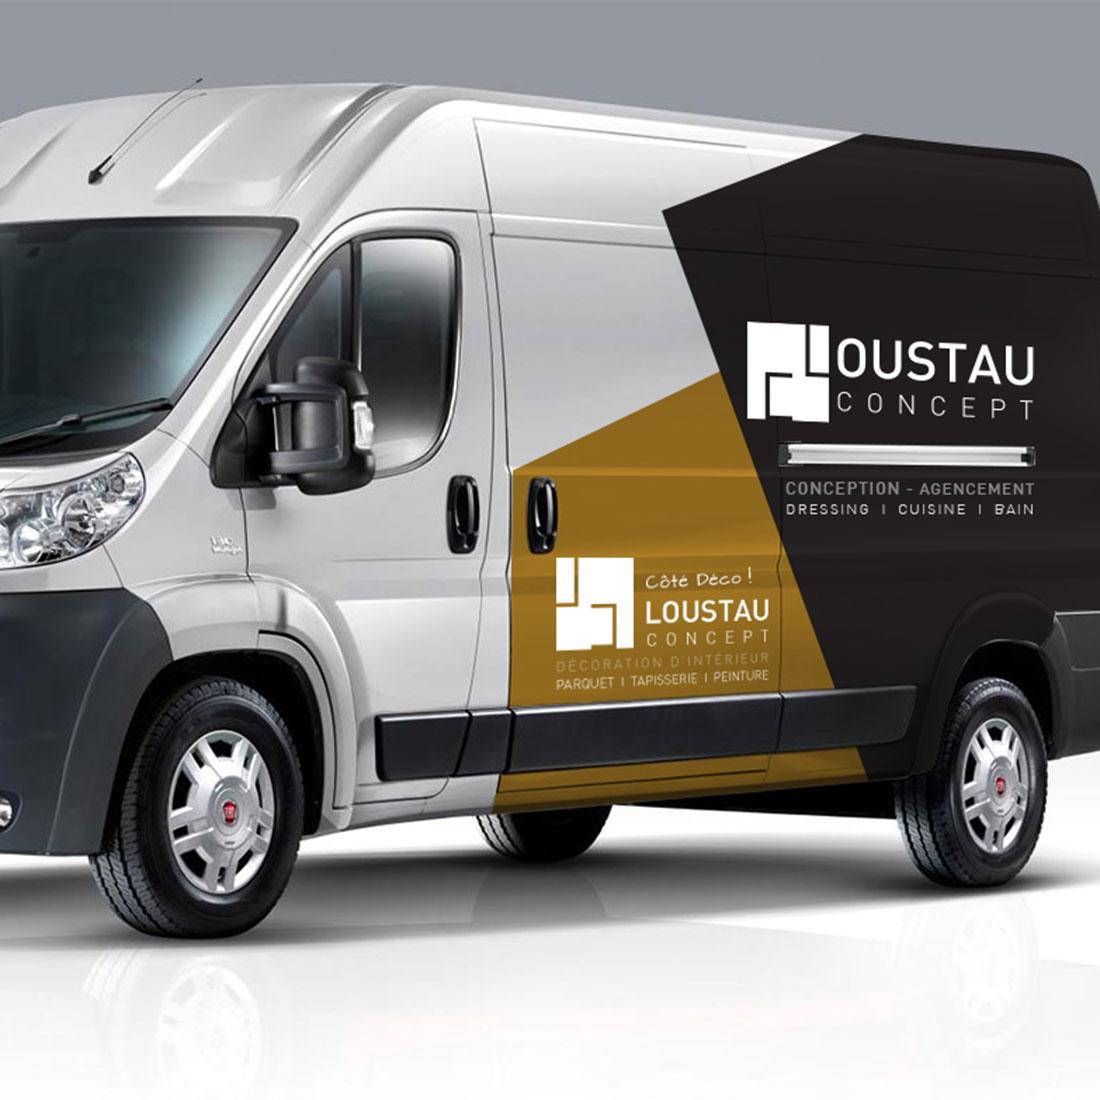 Création identité visuelle logo véhicule Loustau Concept